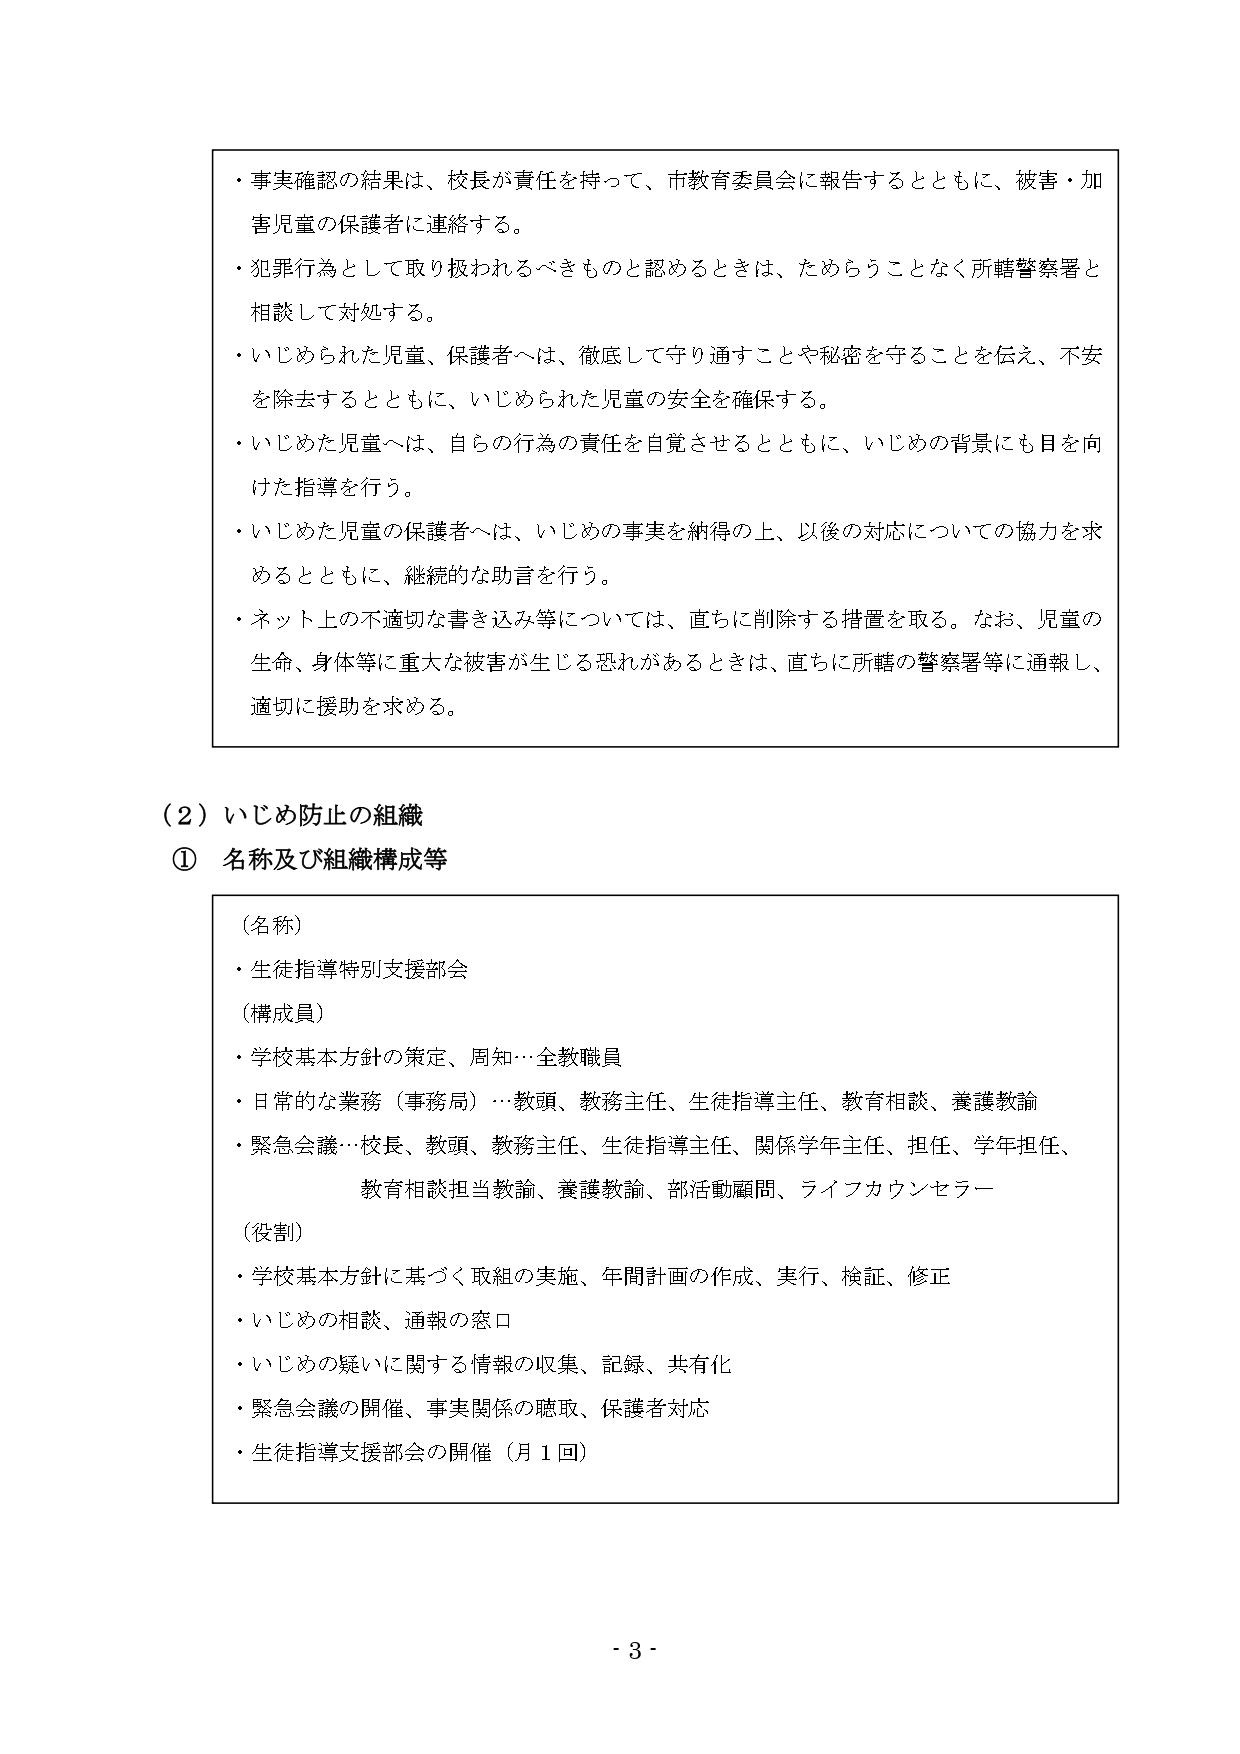 いじめ防止基本方針3